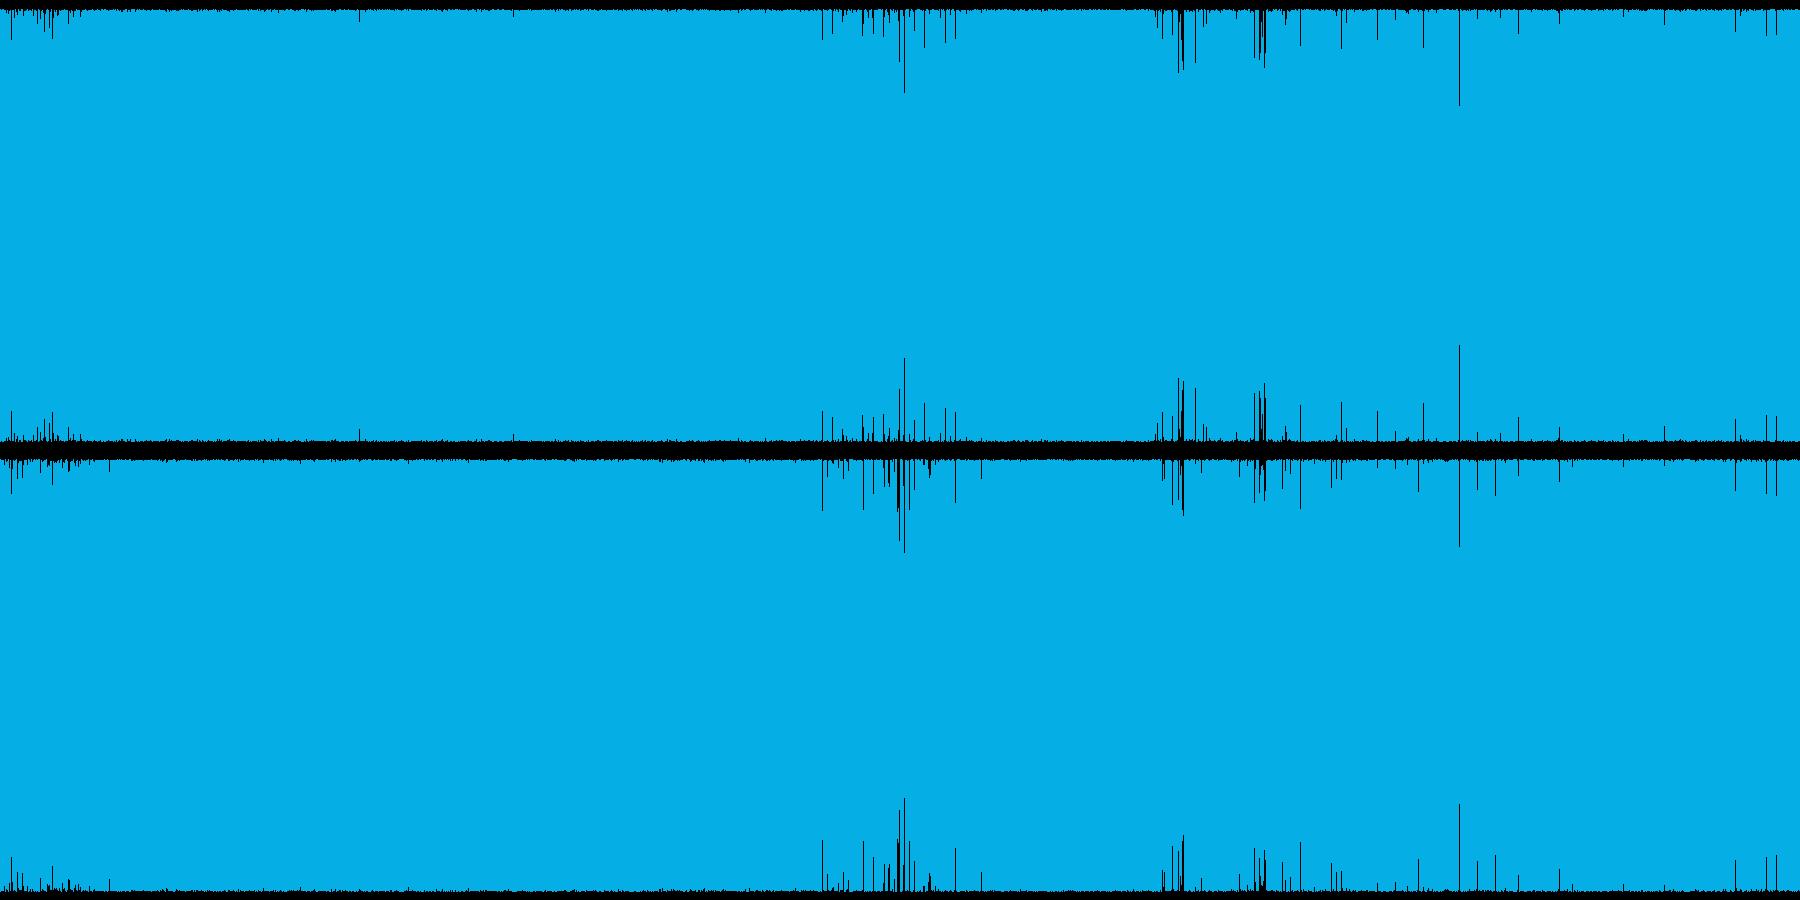 戦闘シーンに適したトランス・EDMループの再生済みの波形